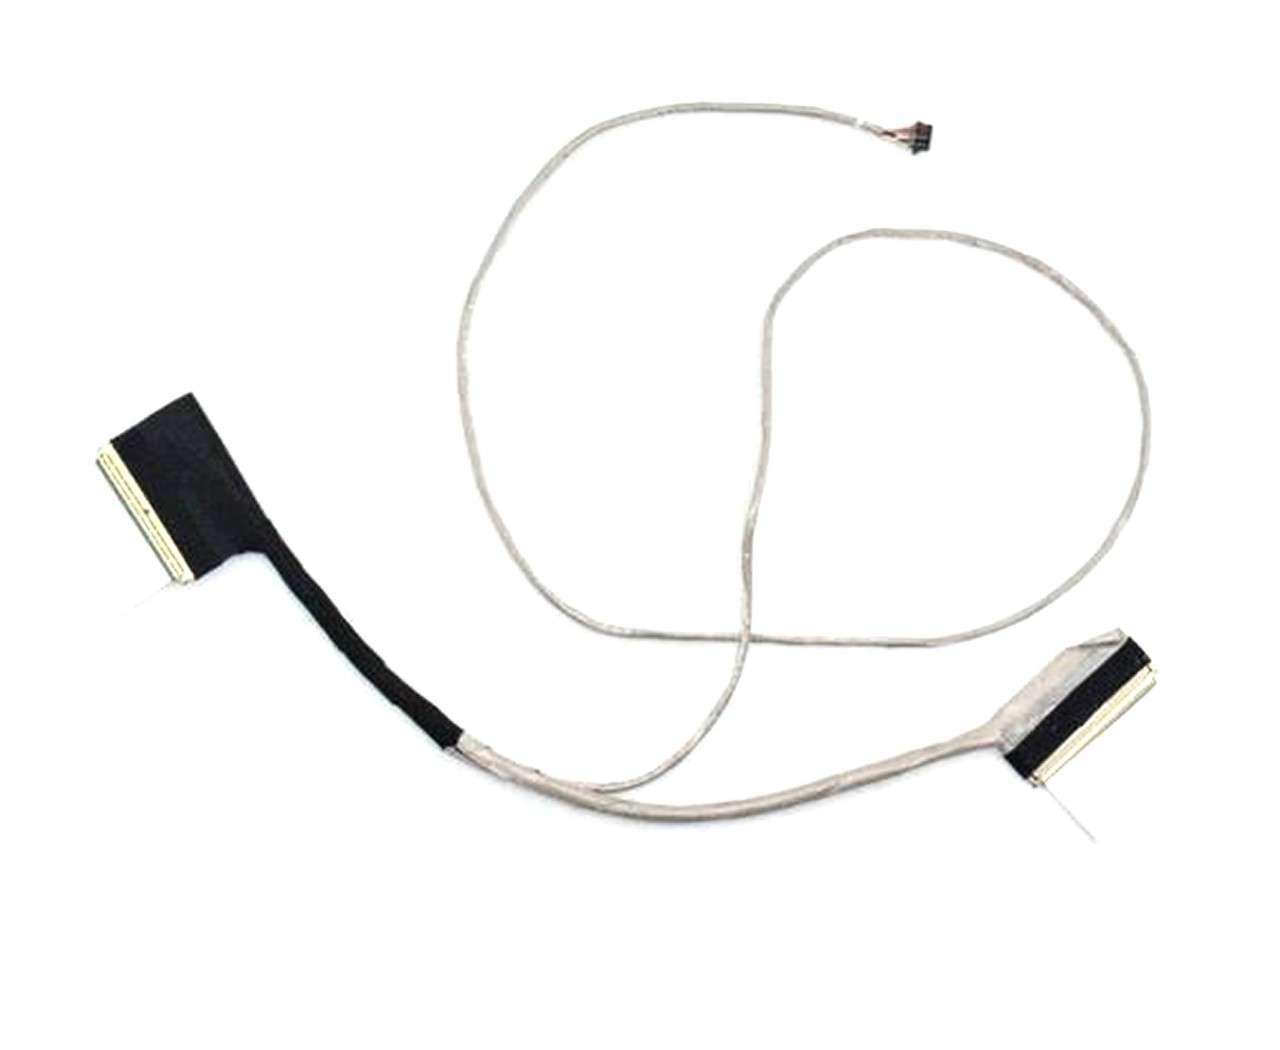 Cablu video LVDS Asus D453MA imagine powerlaptop.ro 2021